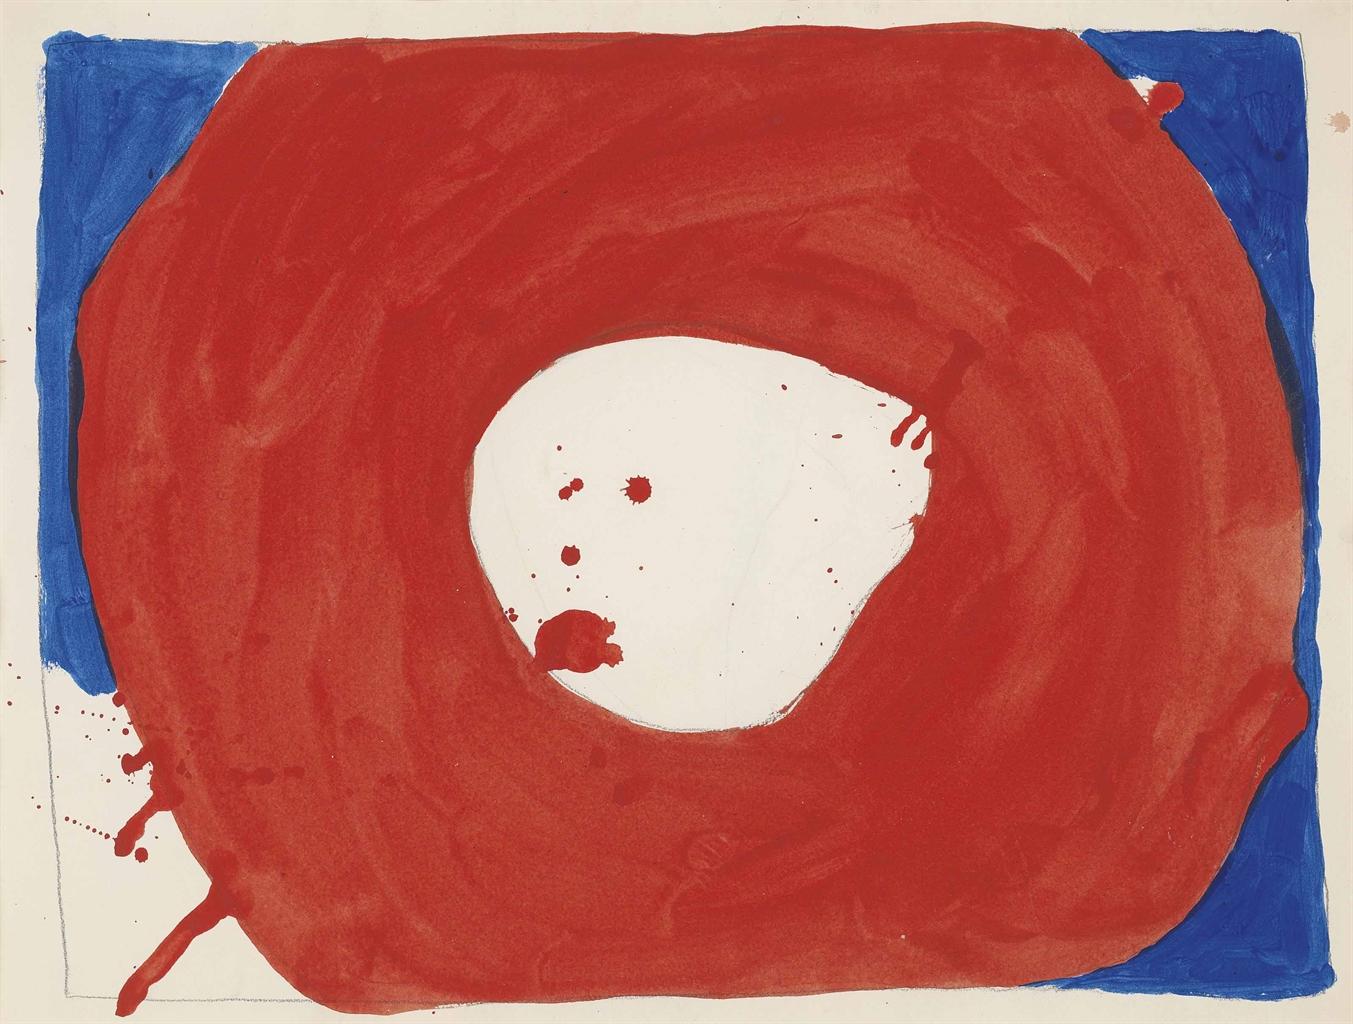 Jiro Yoshihara-Untitled-1960